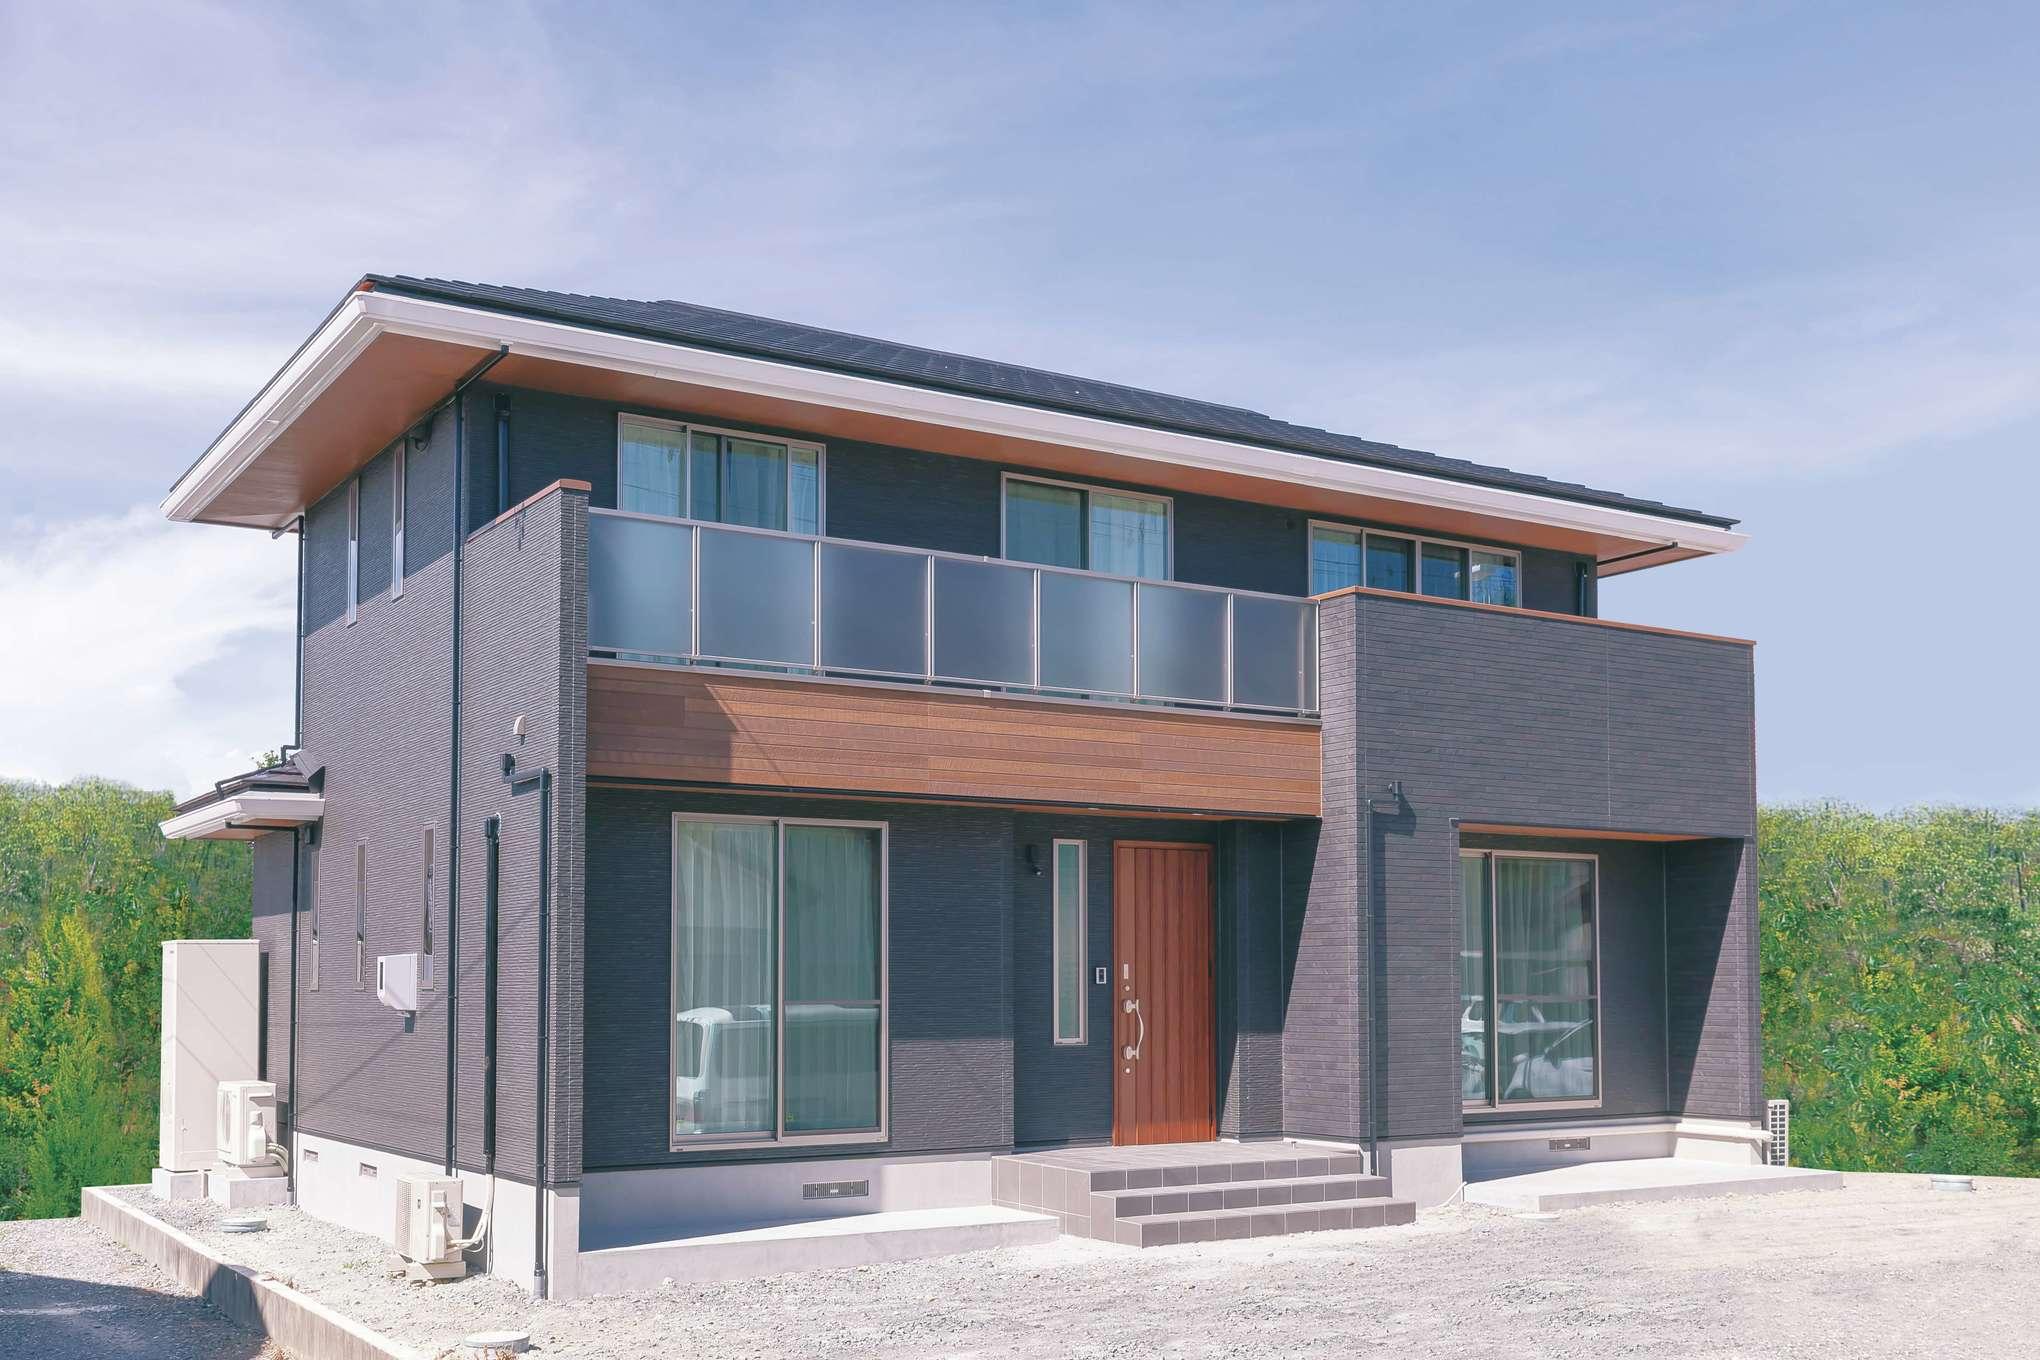 住まいるコーポレーション【デザイン住宅、自然素材、間取り】濃いグレーの外壁に木目が映える外観。玄関ポーチの階段を幅広くとり、格調高い雰囲気に